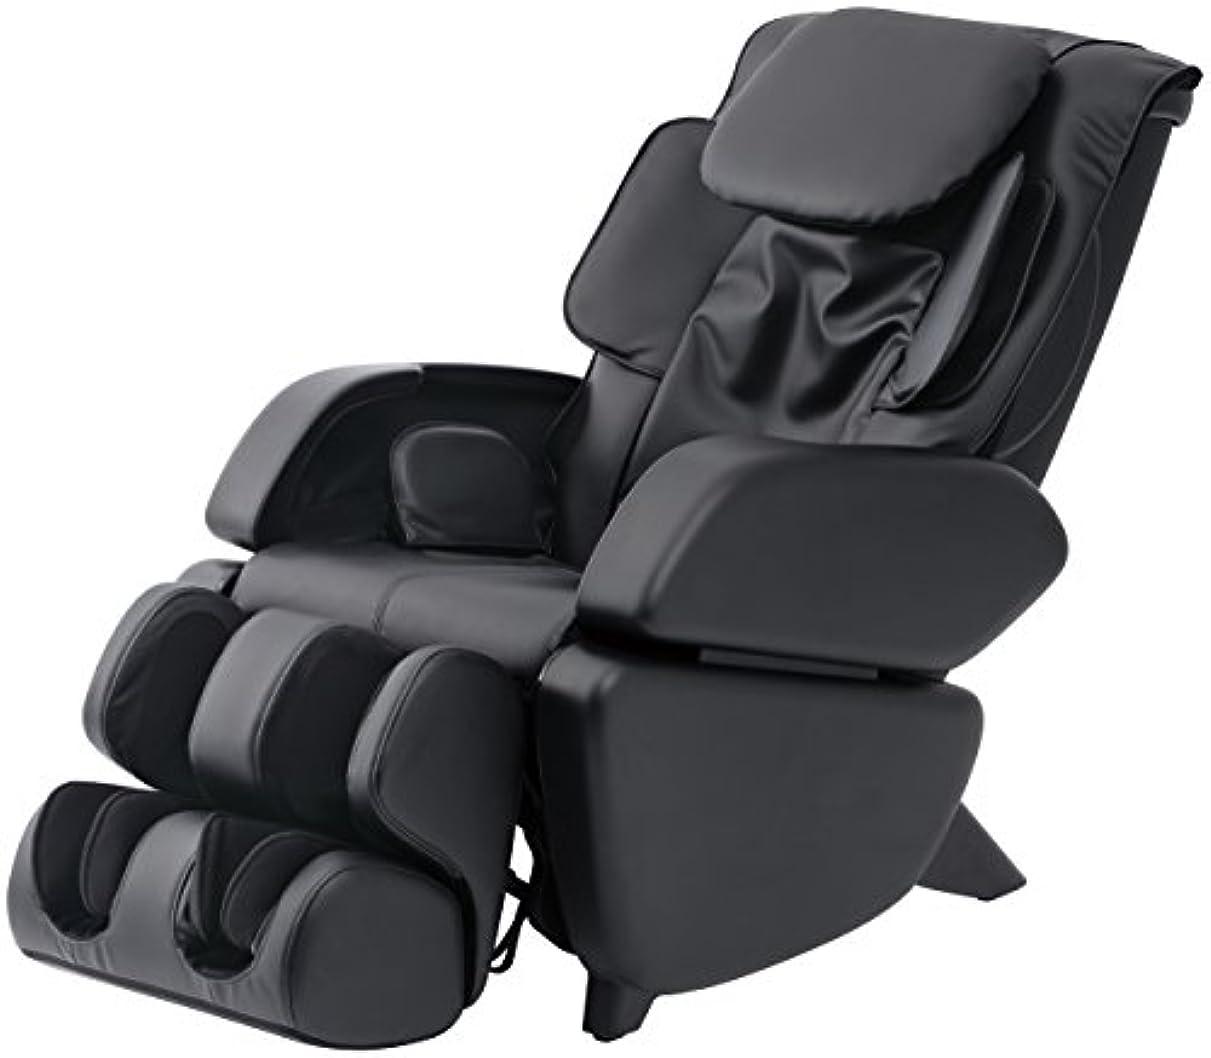 ボーカル心配する戻るスライヴ マッサージチェア くつろぎ指定席 「つかみもみ機能搭載」 ブラック CHD-9006(K)